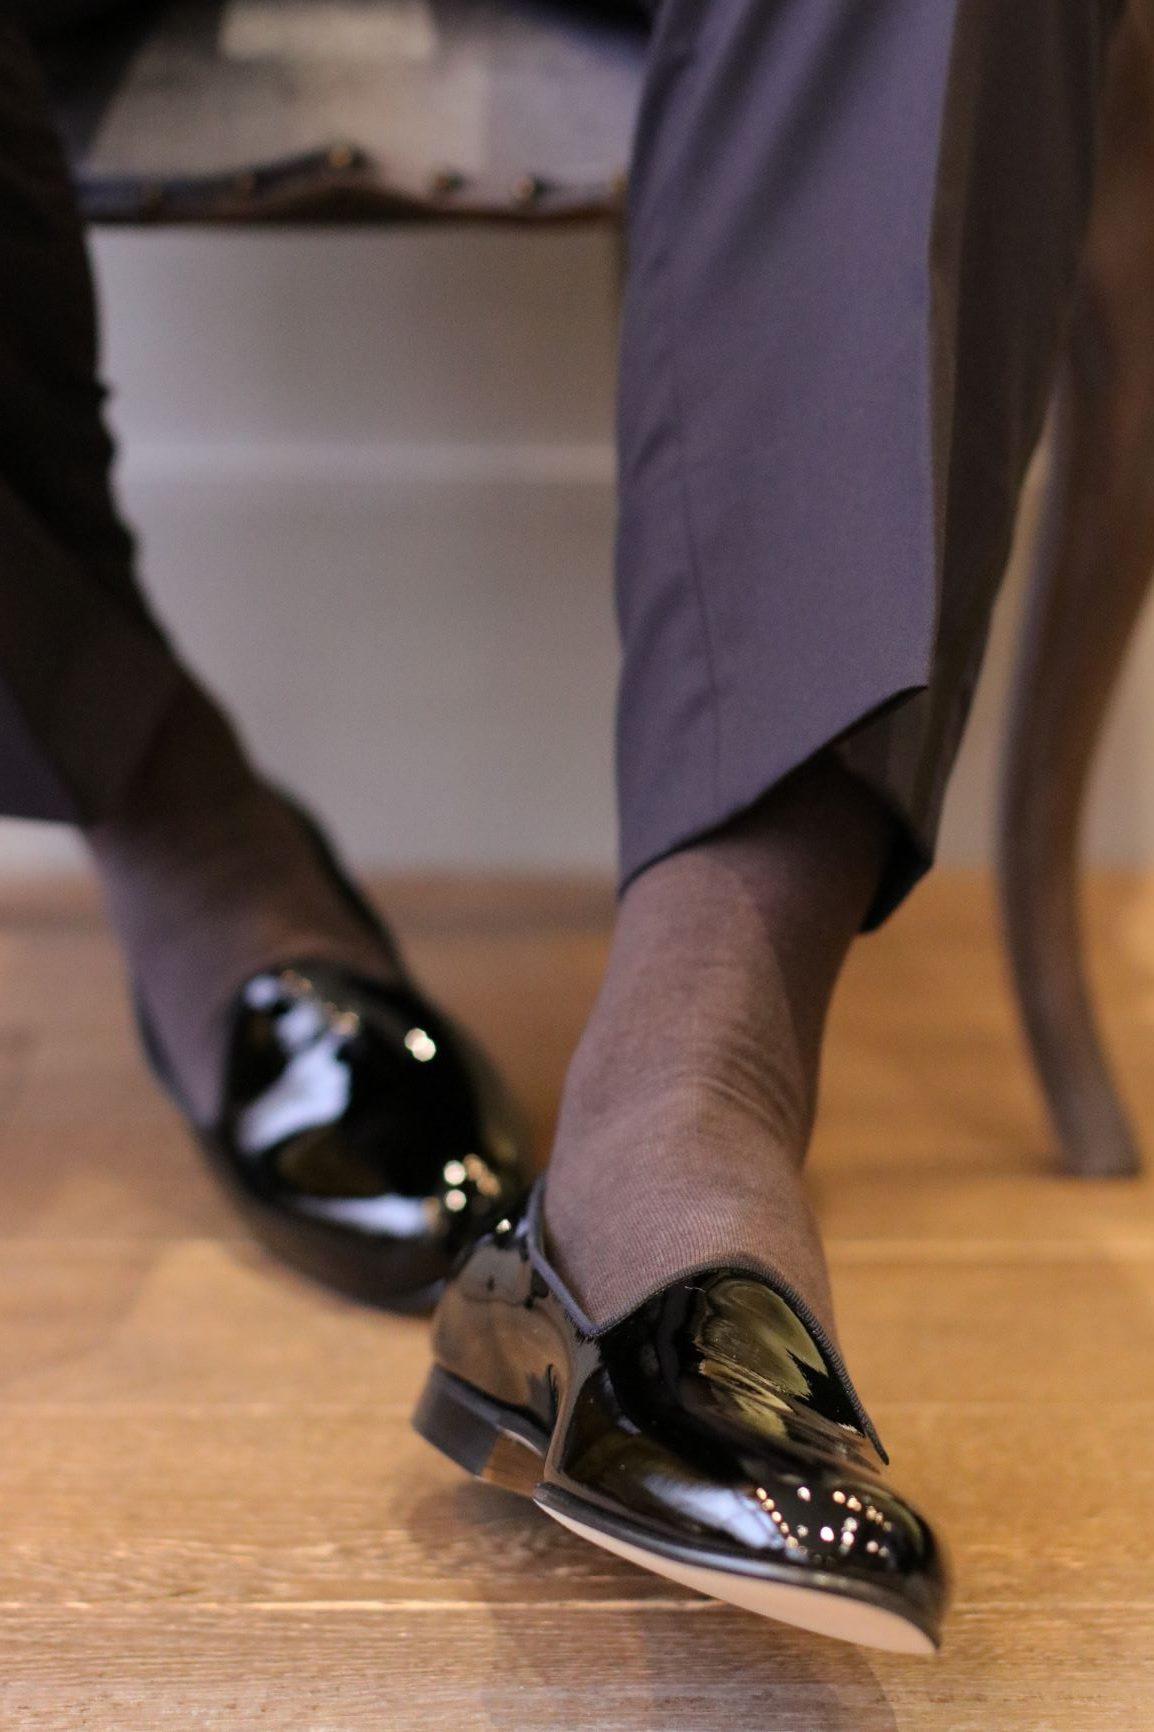 履き心地の良さとシャープなシルエットを兼ね備えたデザインがお洒落な男性に大人気のエドワード・グリーンのシューズは、ゲストと距離の近い少人数ウェディングや前撮りでも映える一足です